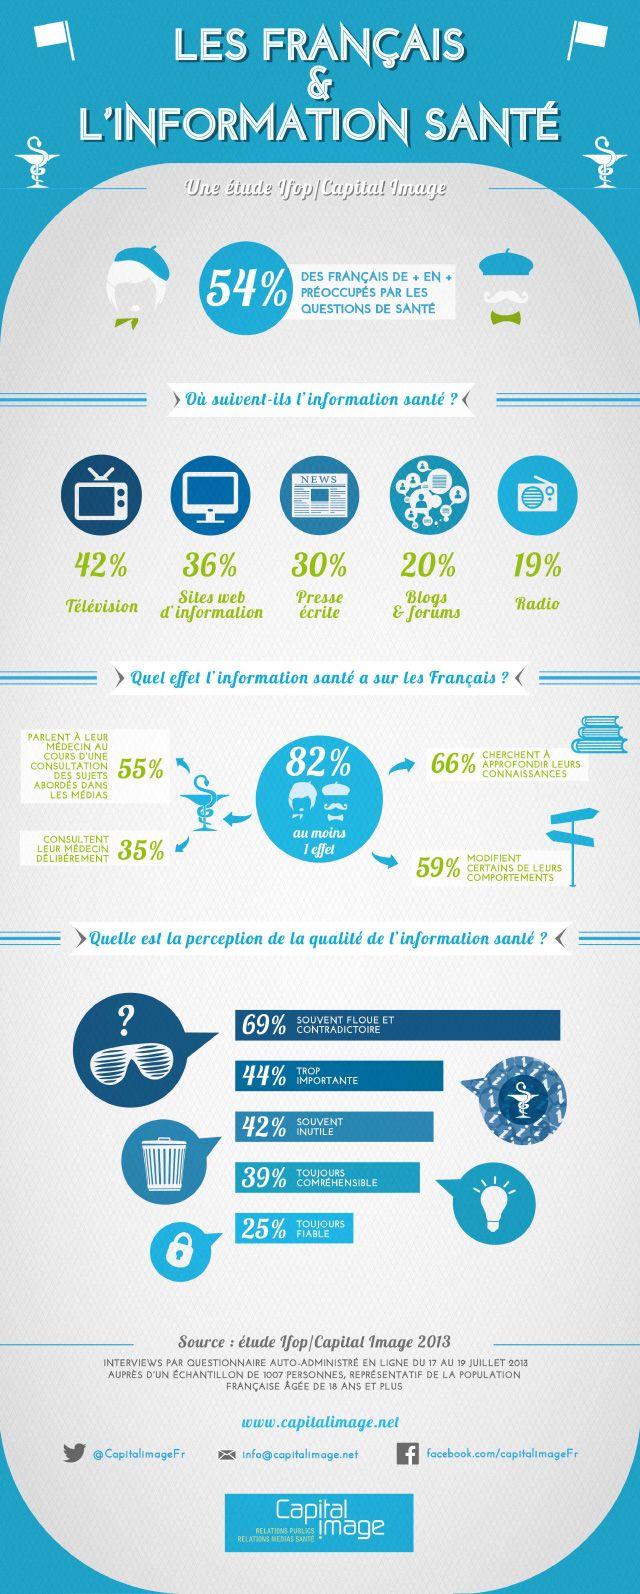 #Infographie : les Français et l'information santé